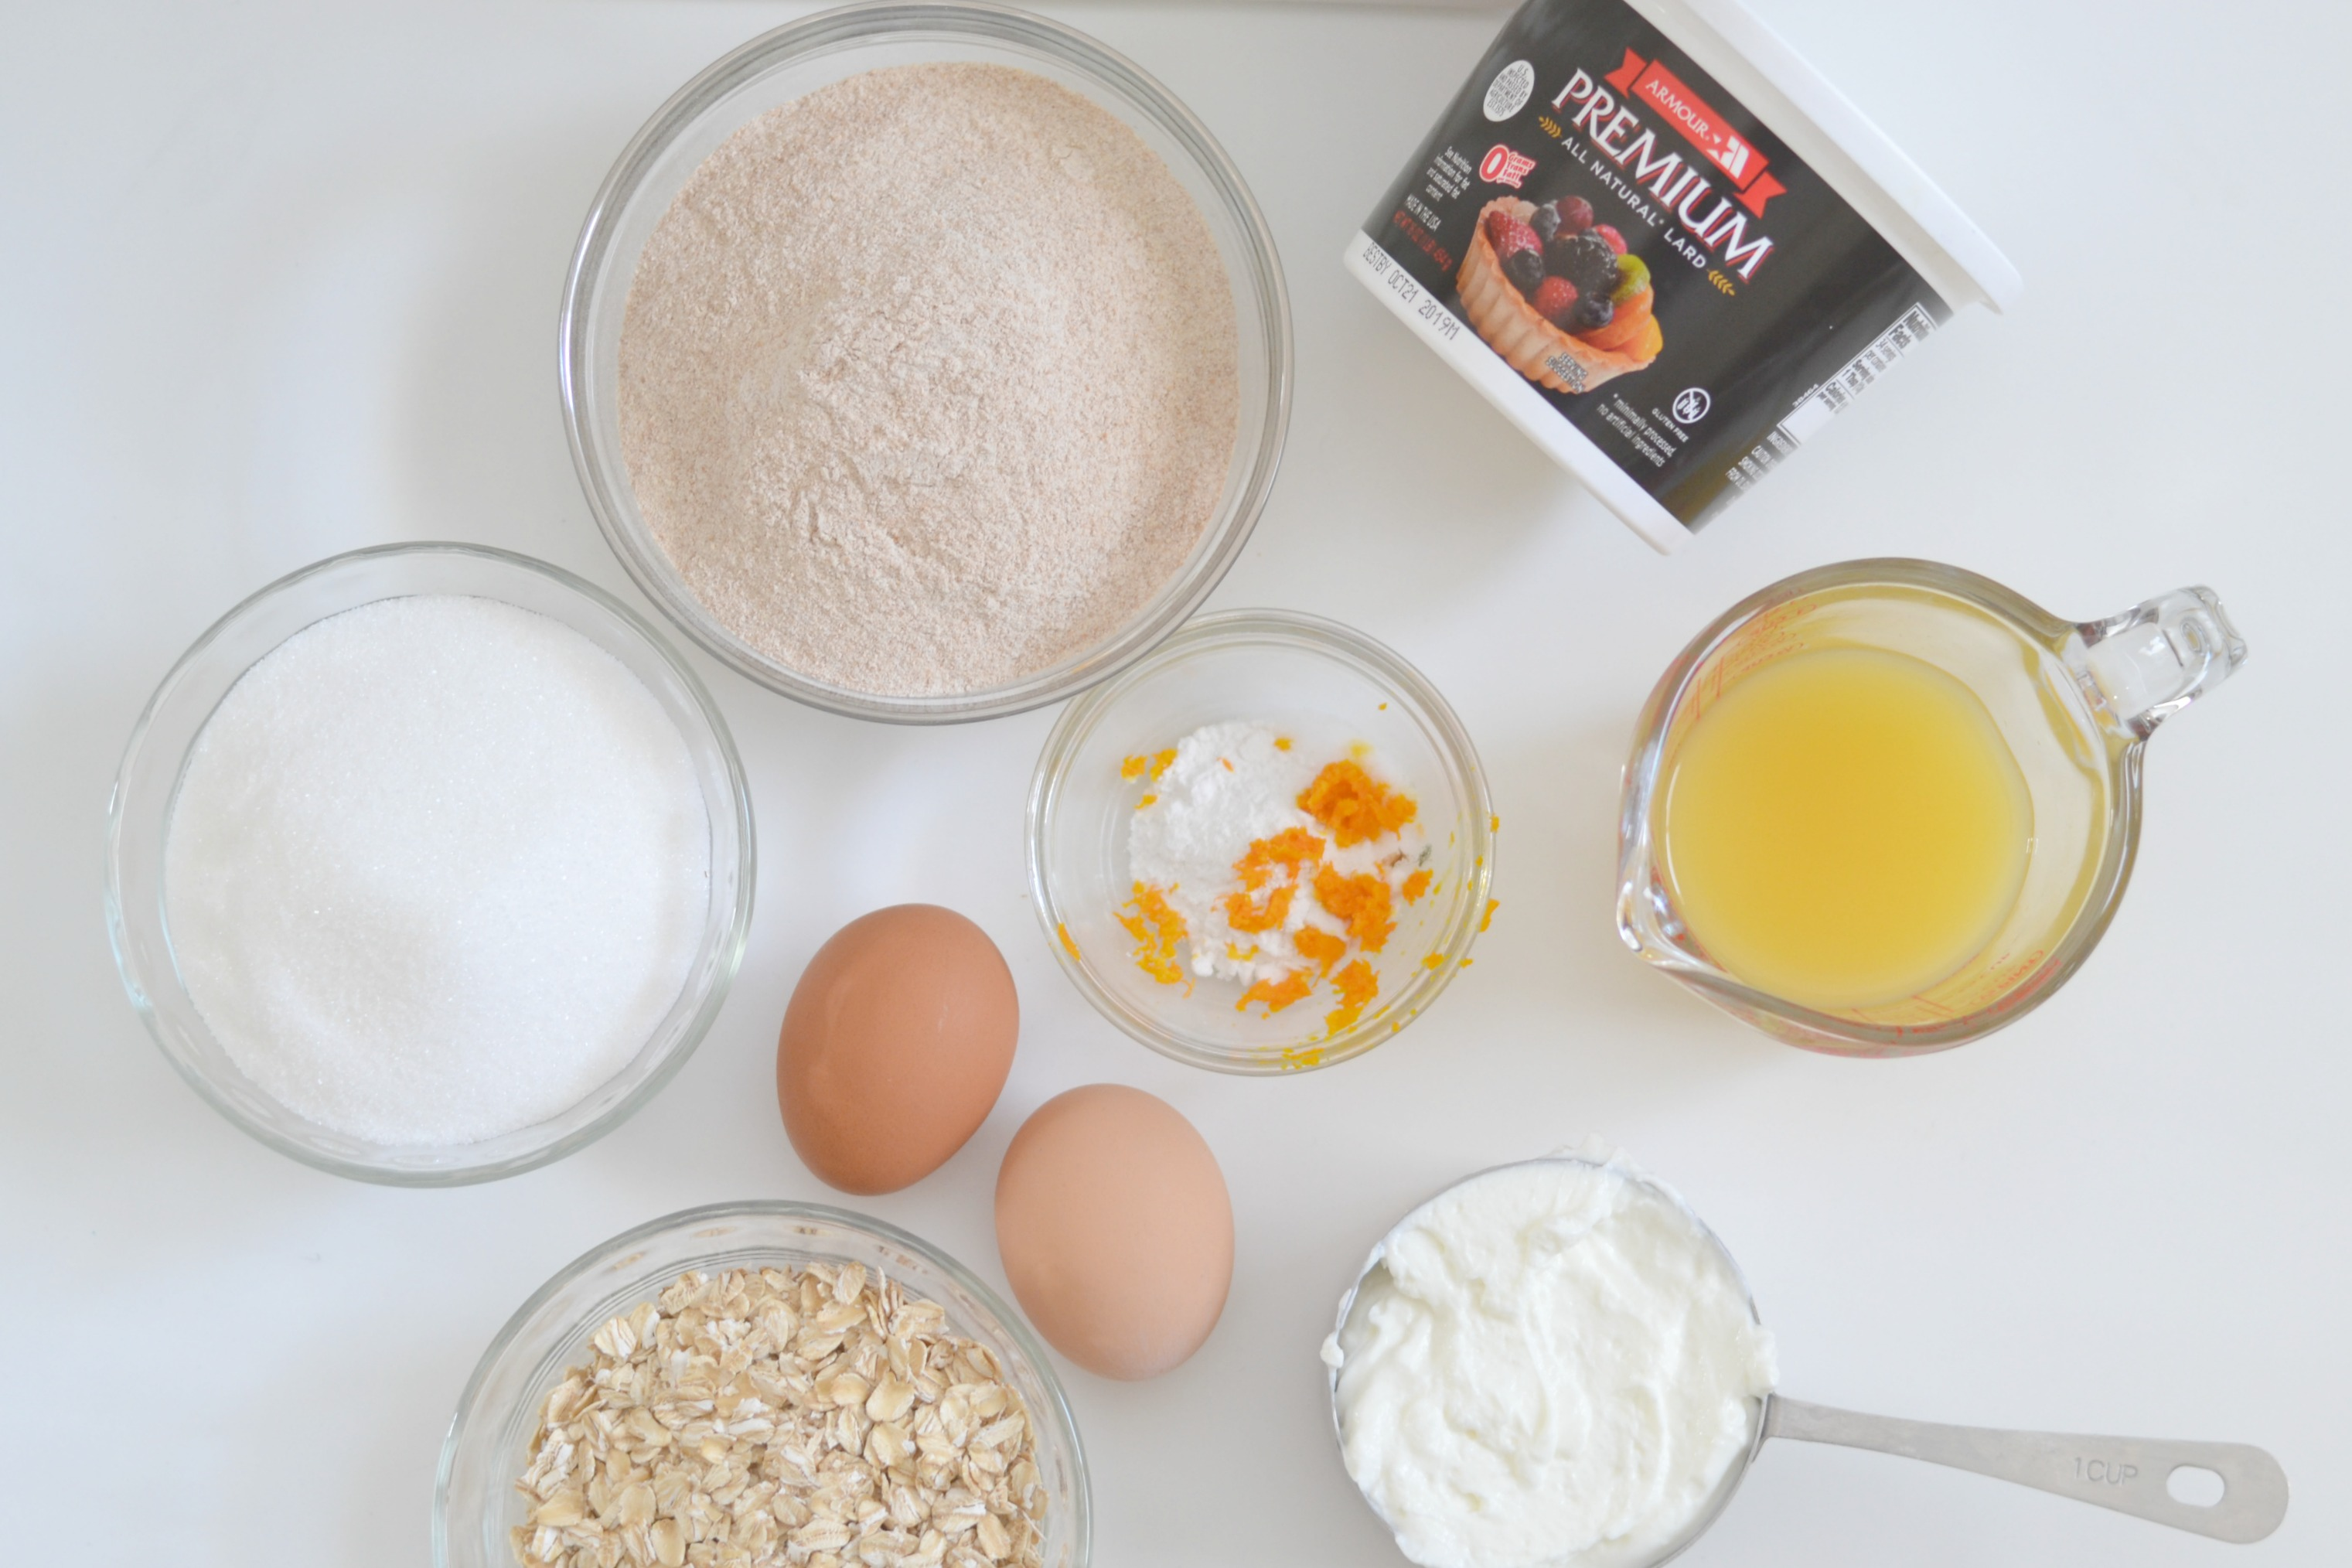 Orange Oatmeal muffins, easy oatmeal muffins, baking with lard, healthy oatmeal muffins, orange oatmeal muffin, orange oatmeal muffin recipe, healthy muffin recipes, fresh orange recipes, oatmeal in muffins